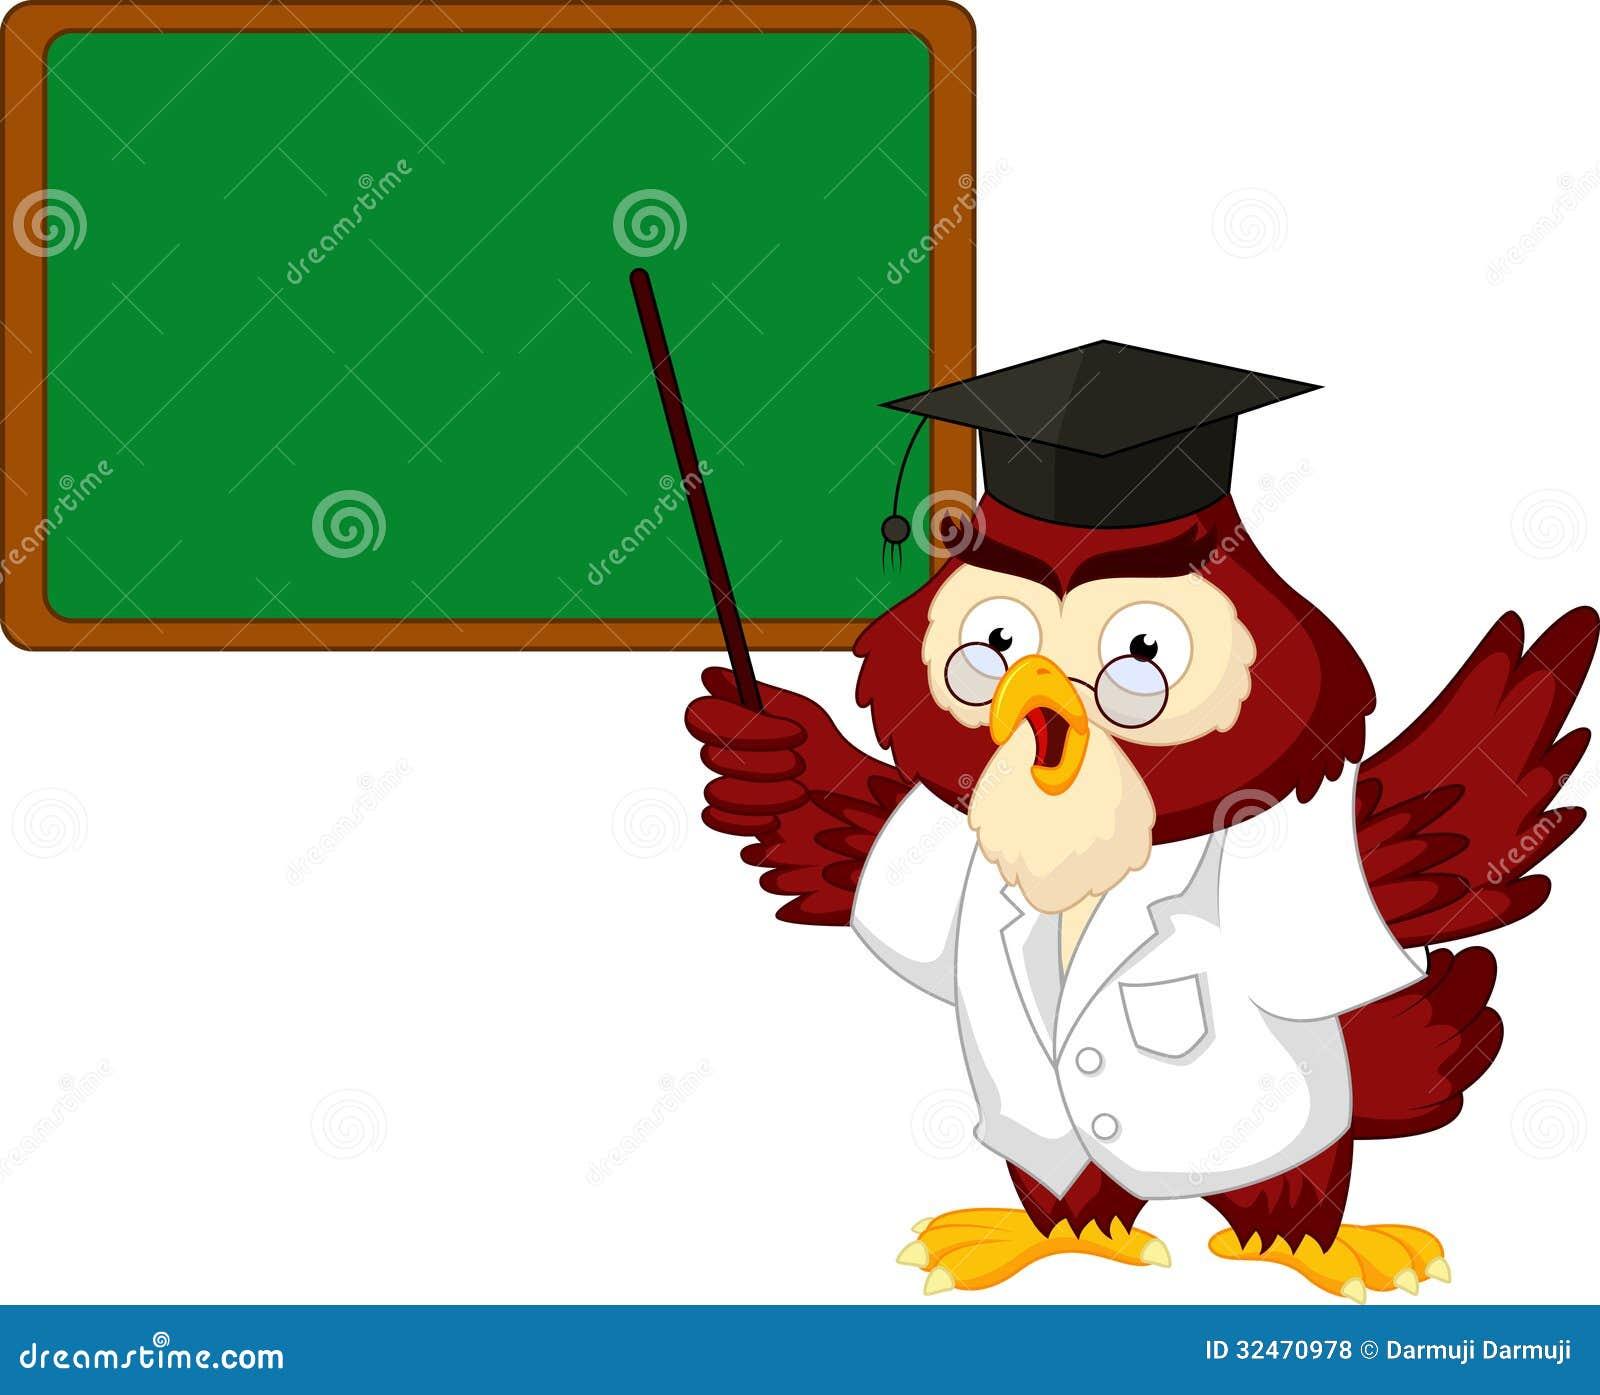 Owl Teacher Cartoon With Board Royalty Free Stock Photos